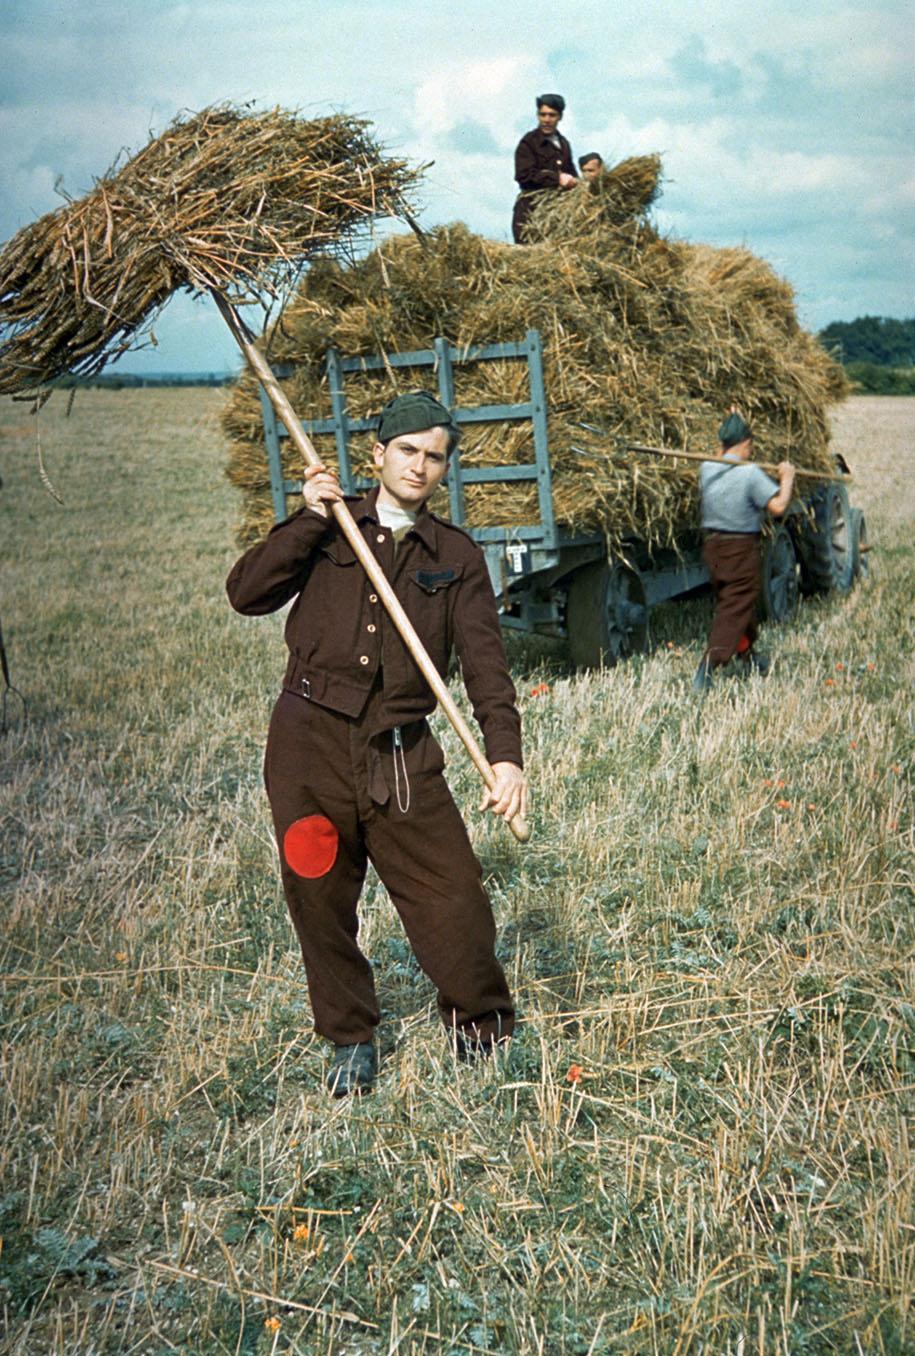 Prisioneiros alemães ajudando na colheita em solo britânico. Existiram 1.026 campos de prisioneiros na Grã-Bretanha durante a Segunda Guerra Mundial – Foto - Hulton Archive/Getty Images